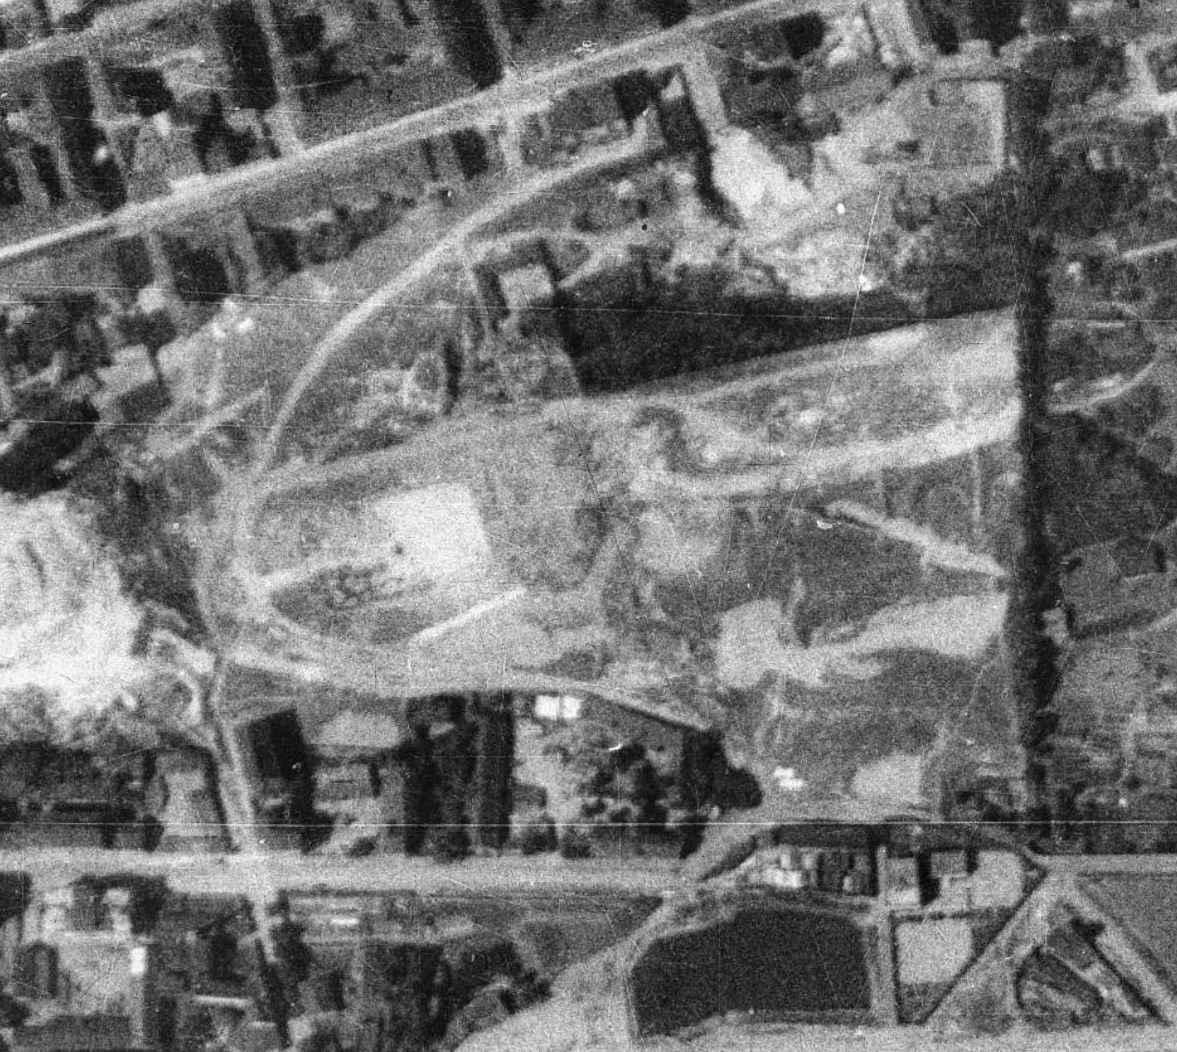 nouzova-kolonie-vrch-sv.-krize-letecky-snimek-1938